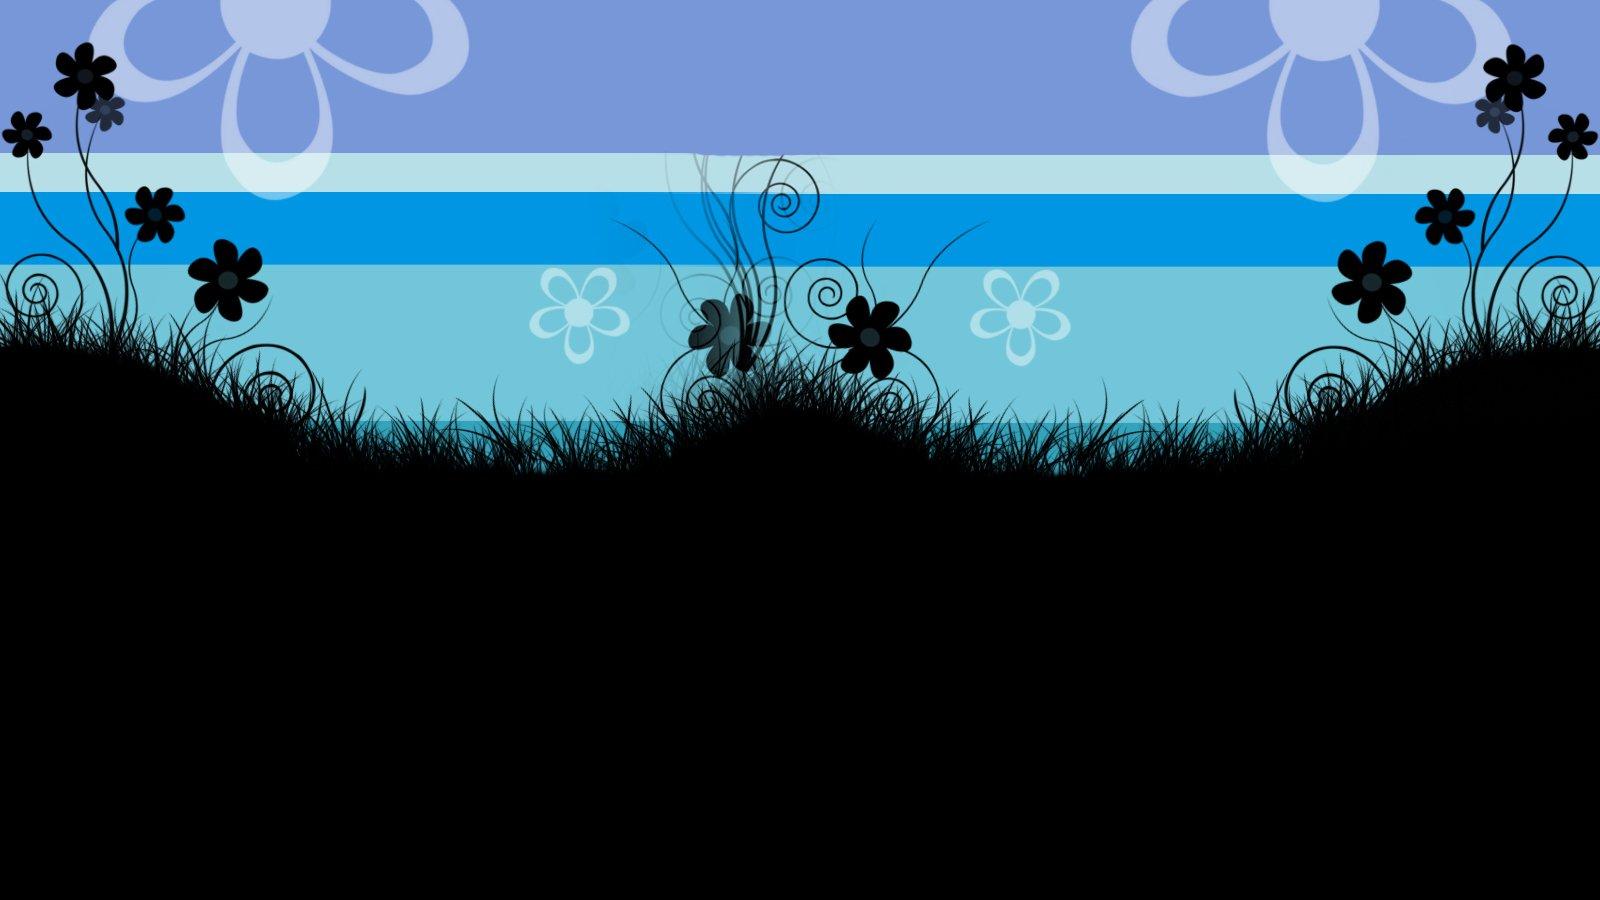 Summer Breeze Twitter Backgrounds Summer Breeze Twitter Themes 1600x900